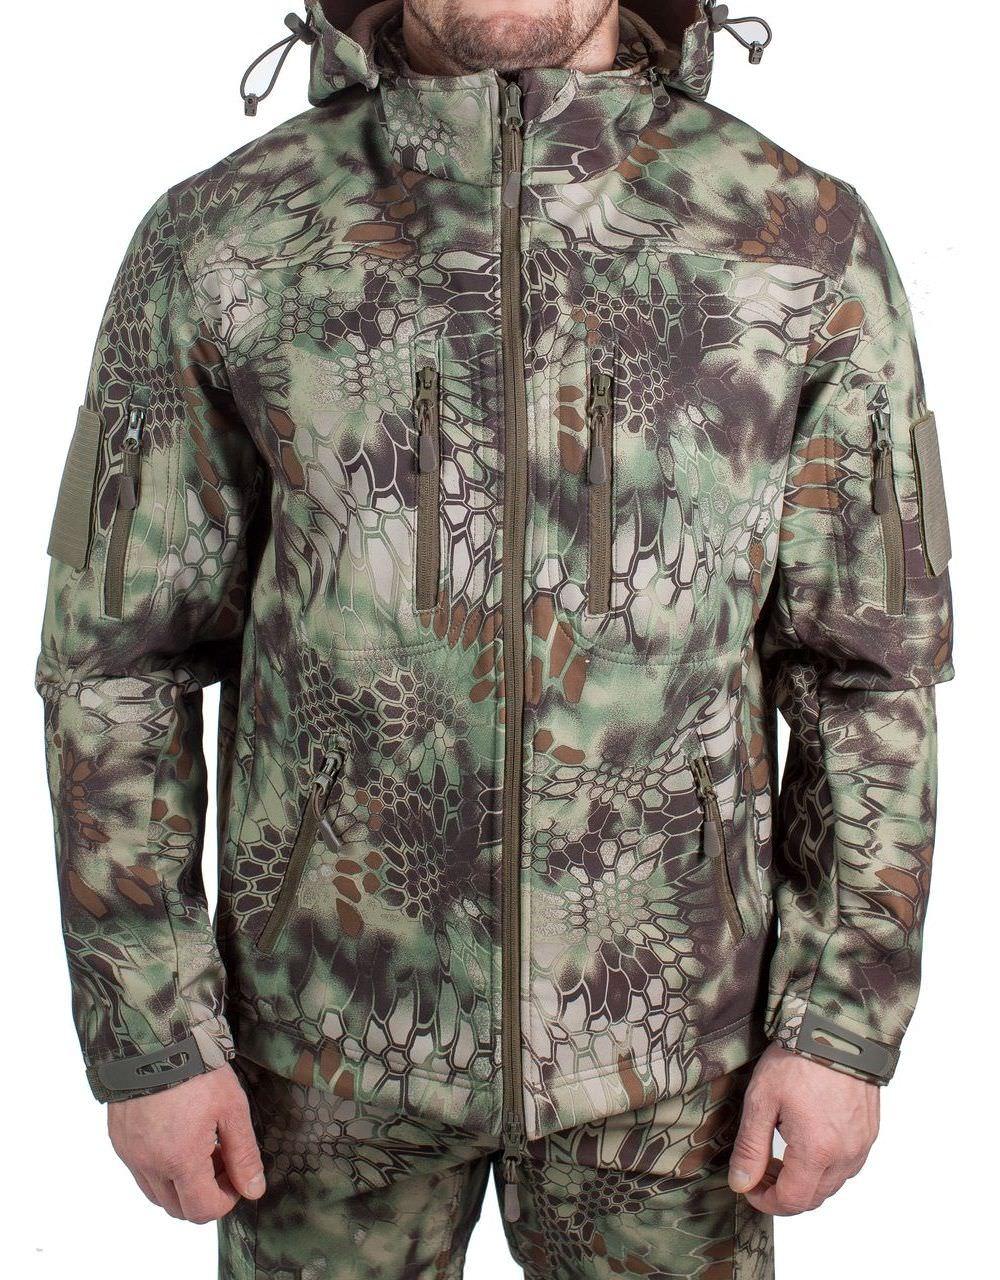 Куртка МПА-26-01 КМФ (софтшелл, питон лес), Куртки софтшелл (Softshell)<br>Куртка МПА-26-01 предназначена для поддержания <br>комфортной температуры тела в холодное <br>время года при активной физической деятельности, <br>при ветре и дожде. Эффективно отводит пар <br>от тела, не пропускает влагу извне. ХАРАКТЕРИСТИКИ <br>ЗАЩИТА ОТ ХОЛОДА ЗАЩИТА ОТ ДОЖДЯ И ВЕТРА <br>ДЛЯ ИНТЕНСИВНЫХ НАГРУЗОК ДЛЯ АКТИВНОГО <br>ОТДЫХА ТОЛЬКО РУЧНАЯ СТИРКА МАТЕРИАЛЫ СОФТШЕЛЛ <br>ФЛИС МЕМБРАНА<br><br>Пол: мужской<br>Сезон: демисезонный<br>Цвет: зеленый<br>Материал: мембрана